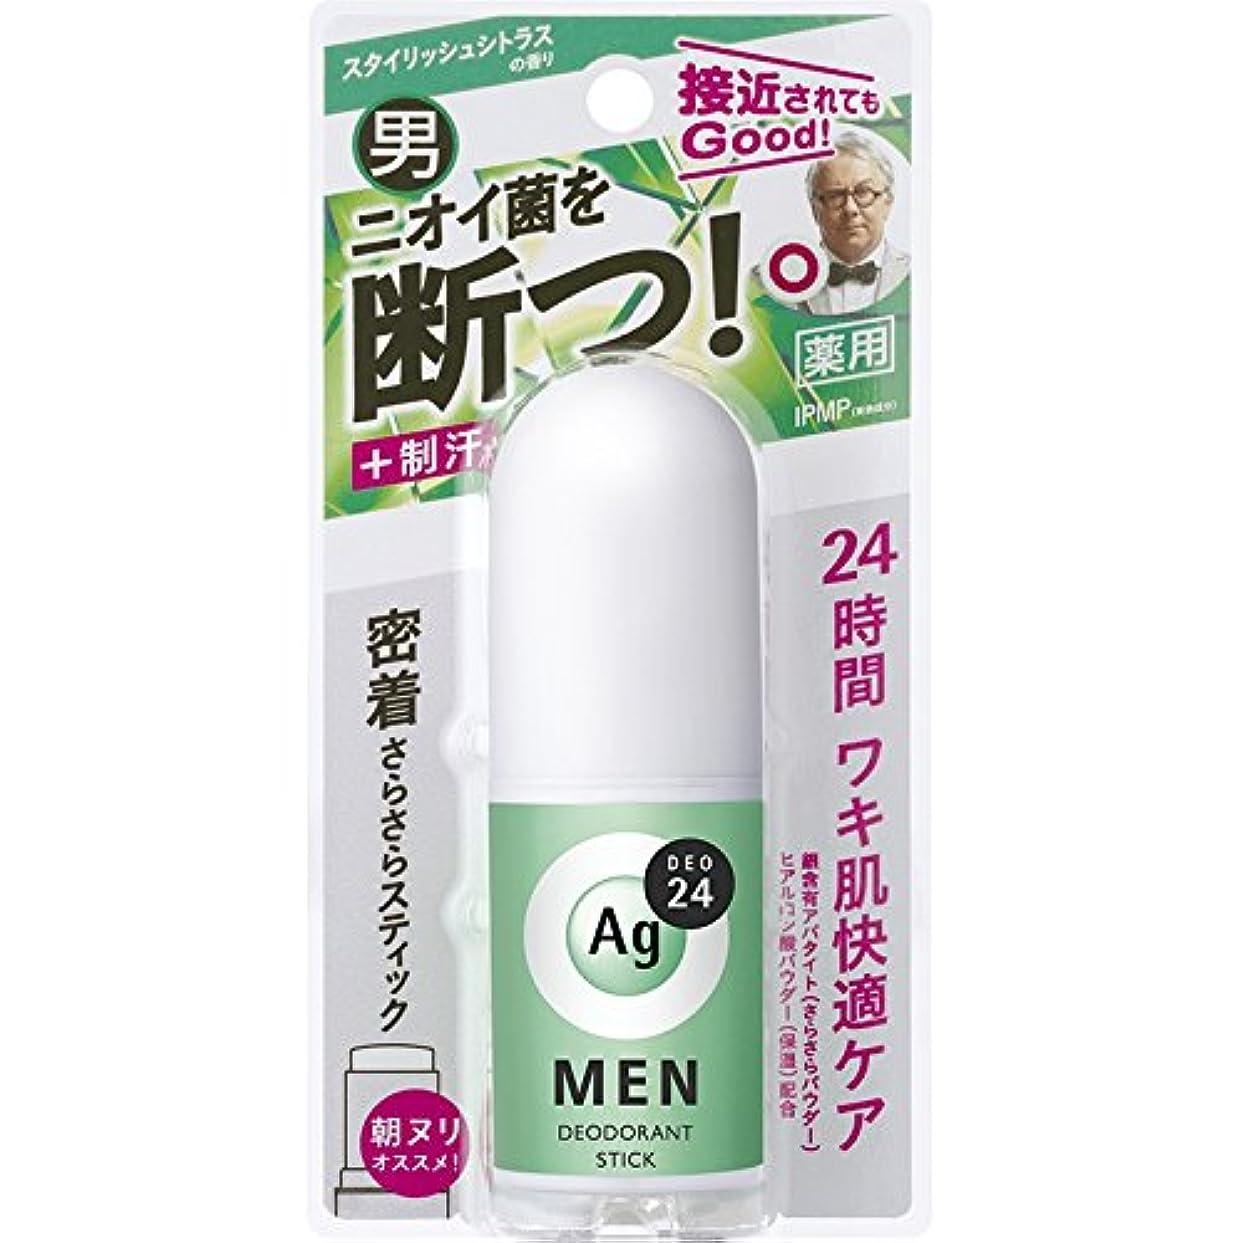 インターネット温帯牽引エージーデオ24 メンズデオドラントスティック スタイリッシュシトラスの香り 20g